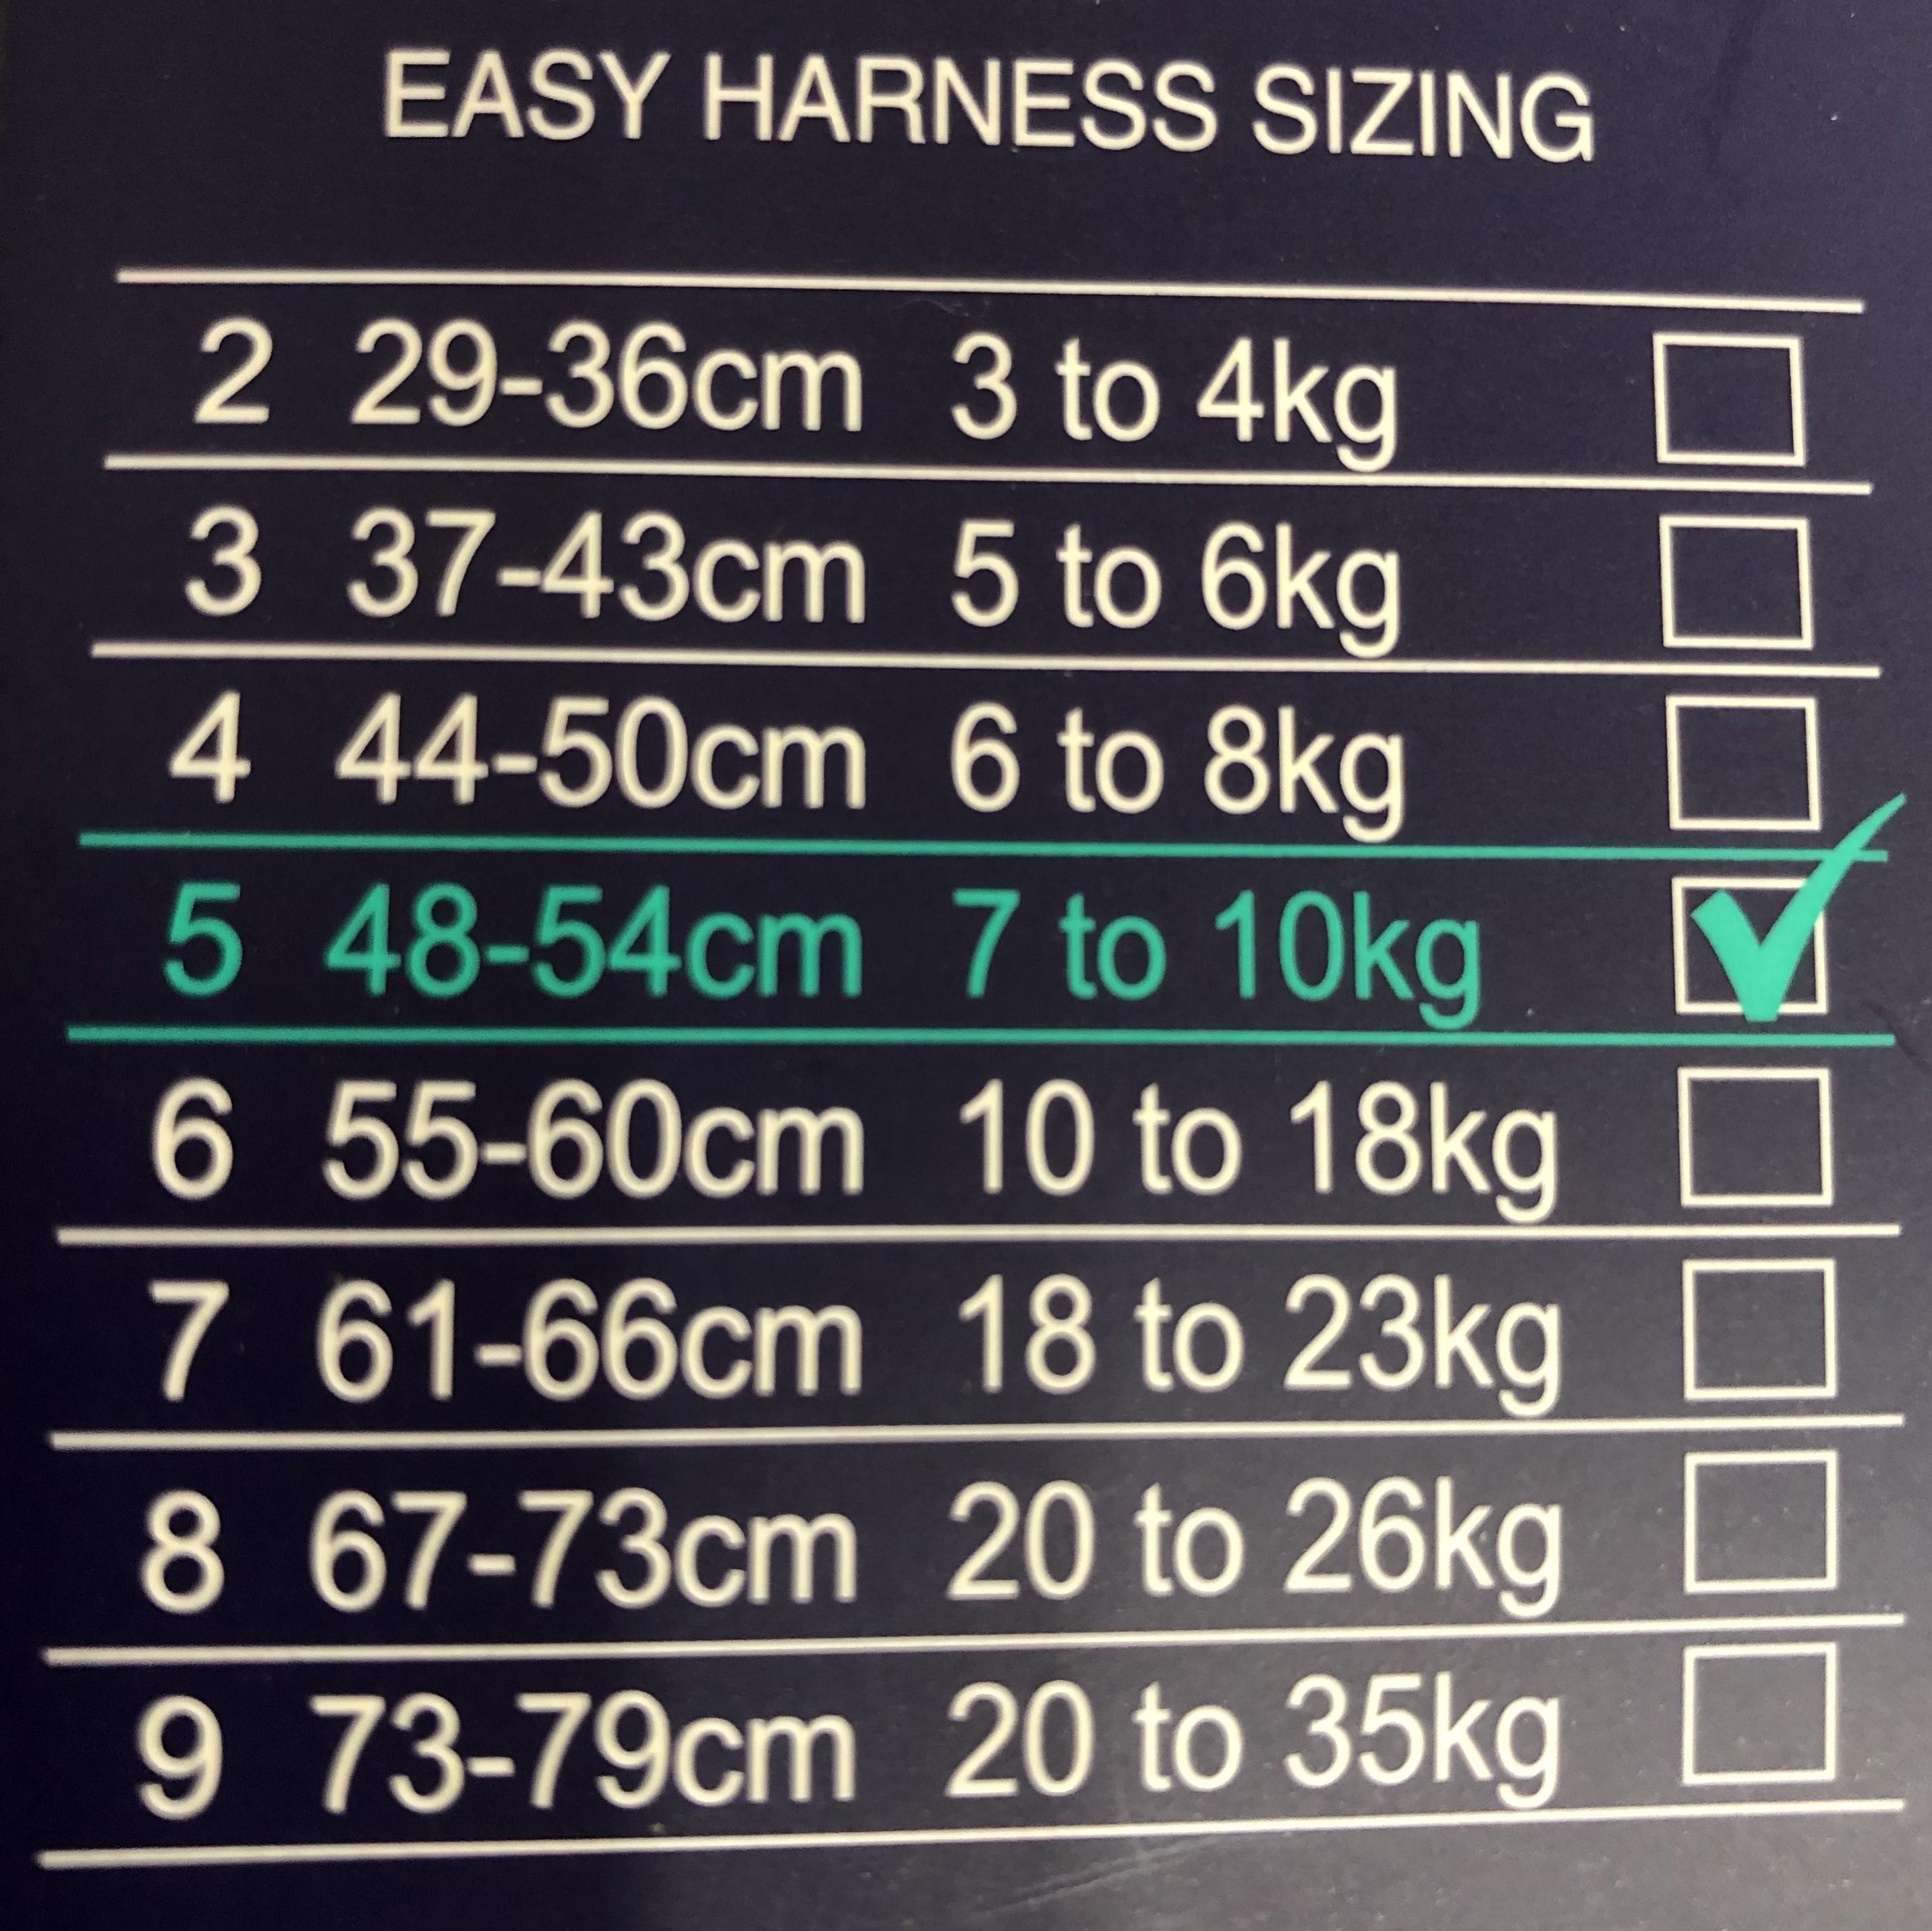 Hugo & Hudson Easy Harness